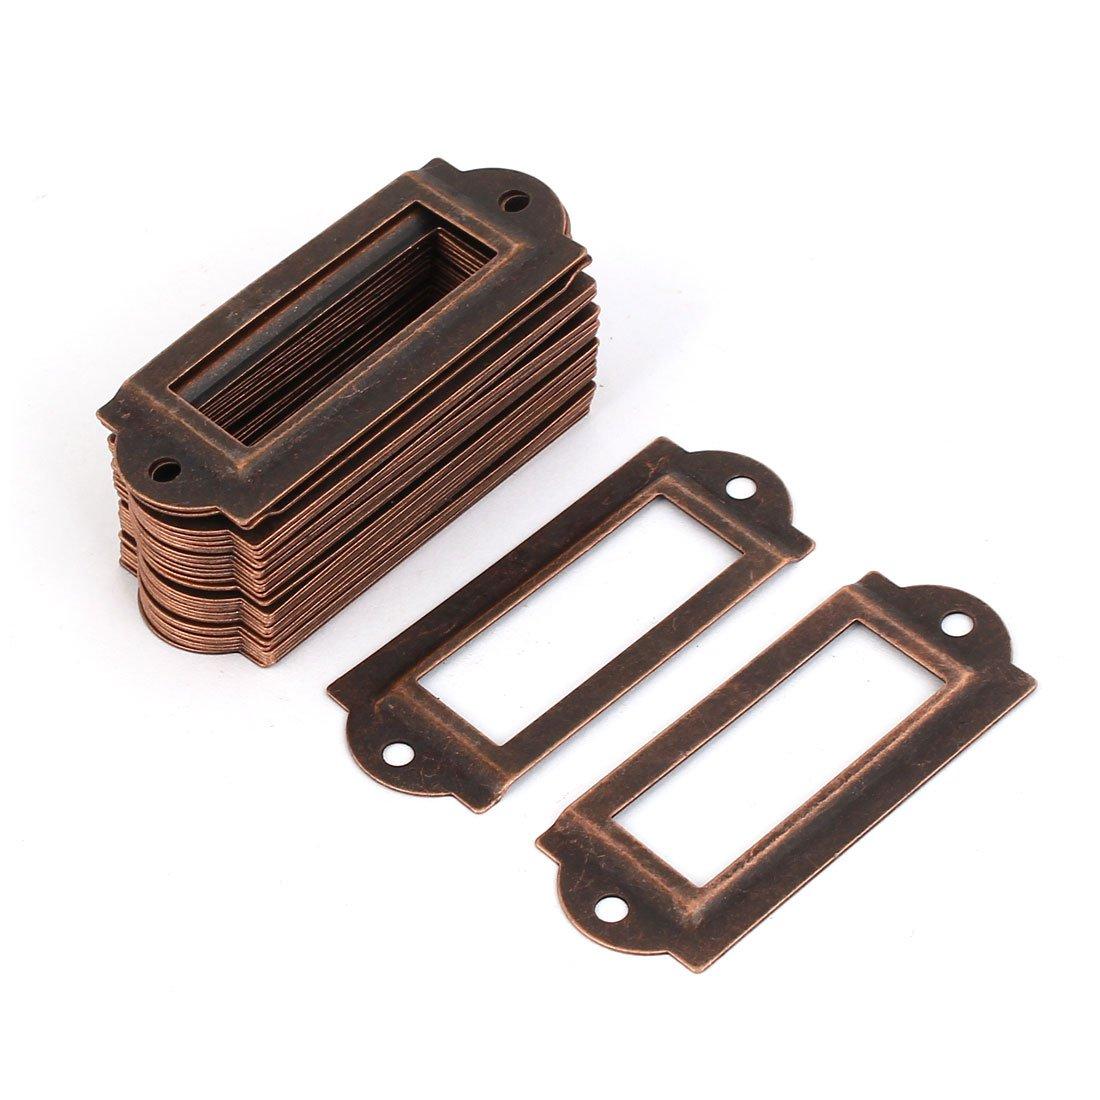 Organizador de cajones para tarjetas con nombre y etiqueta 30 piezas a16062000ux0458 Uxcell color cobre